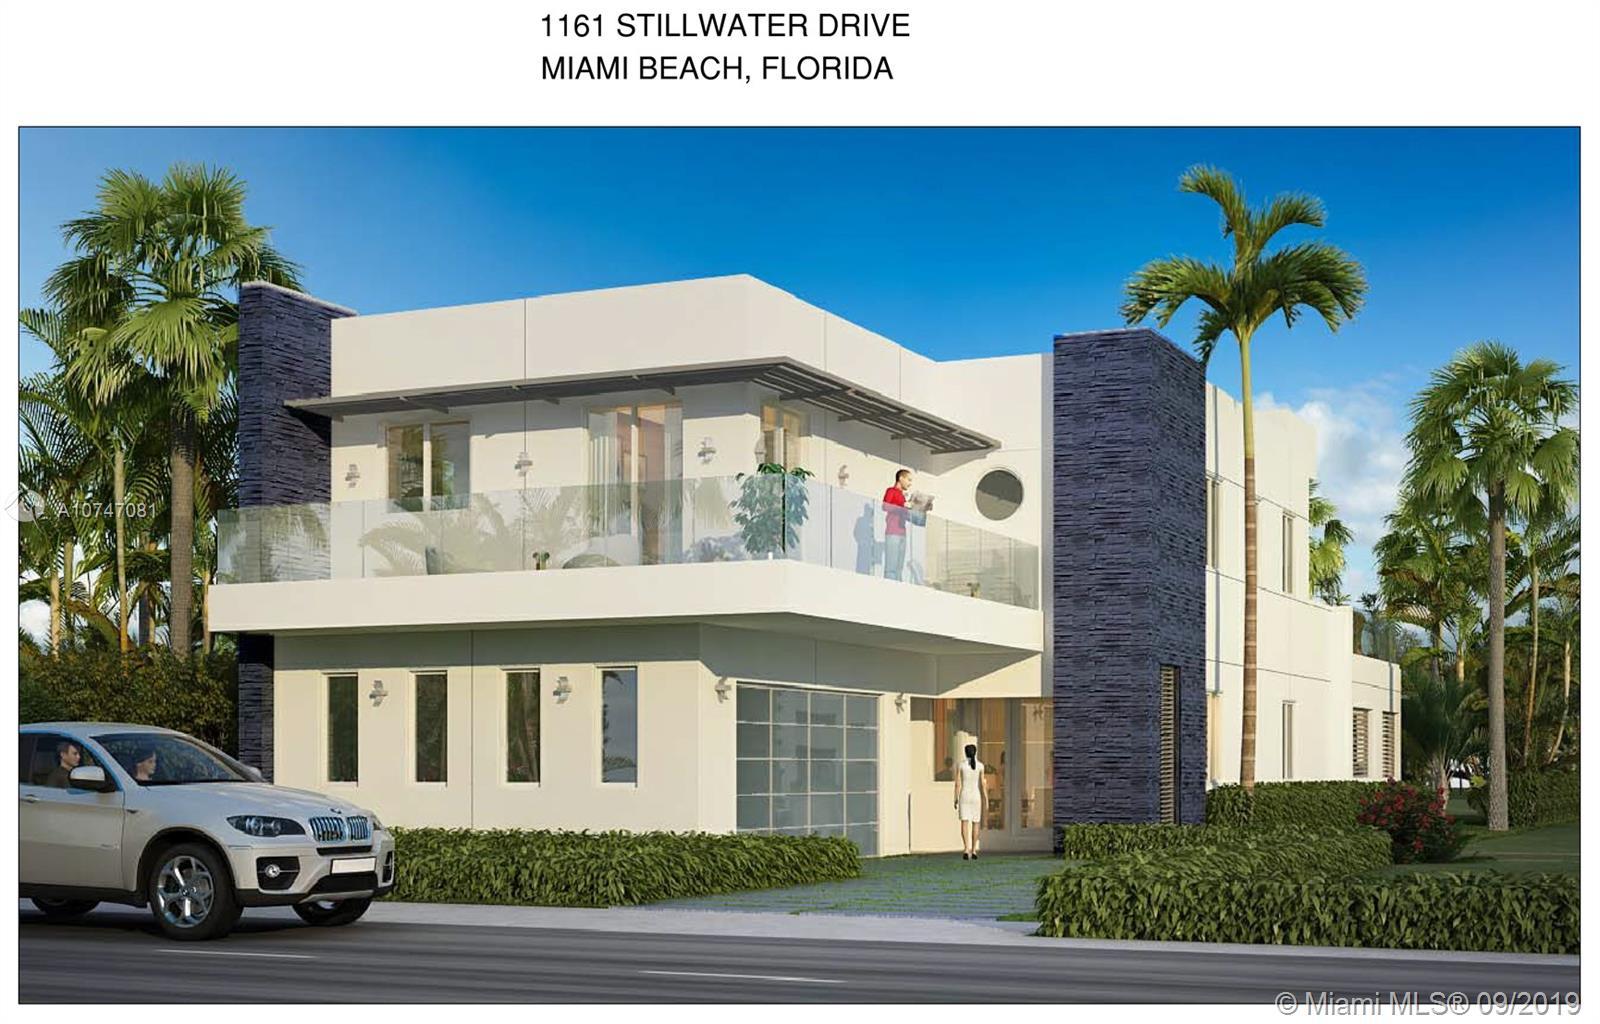 1161 Stillwater Dr, Miami Beach, FL 33141